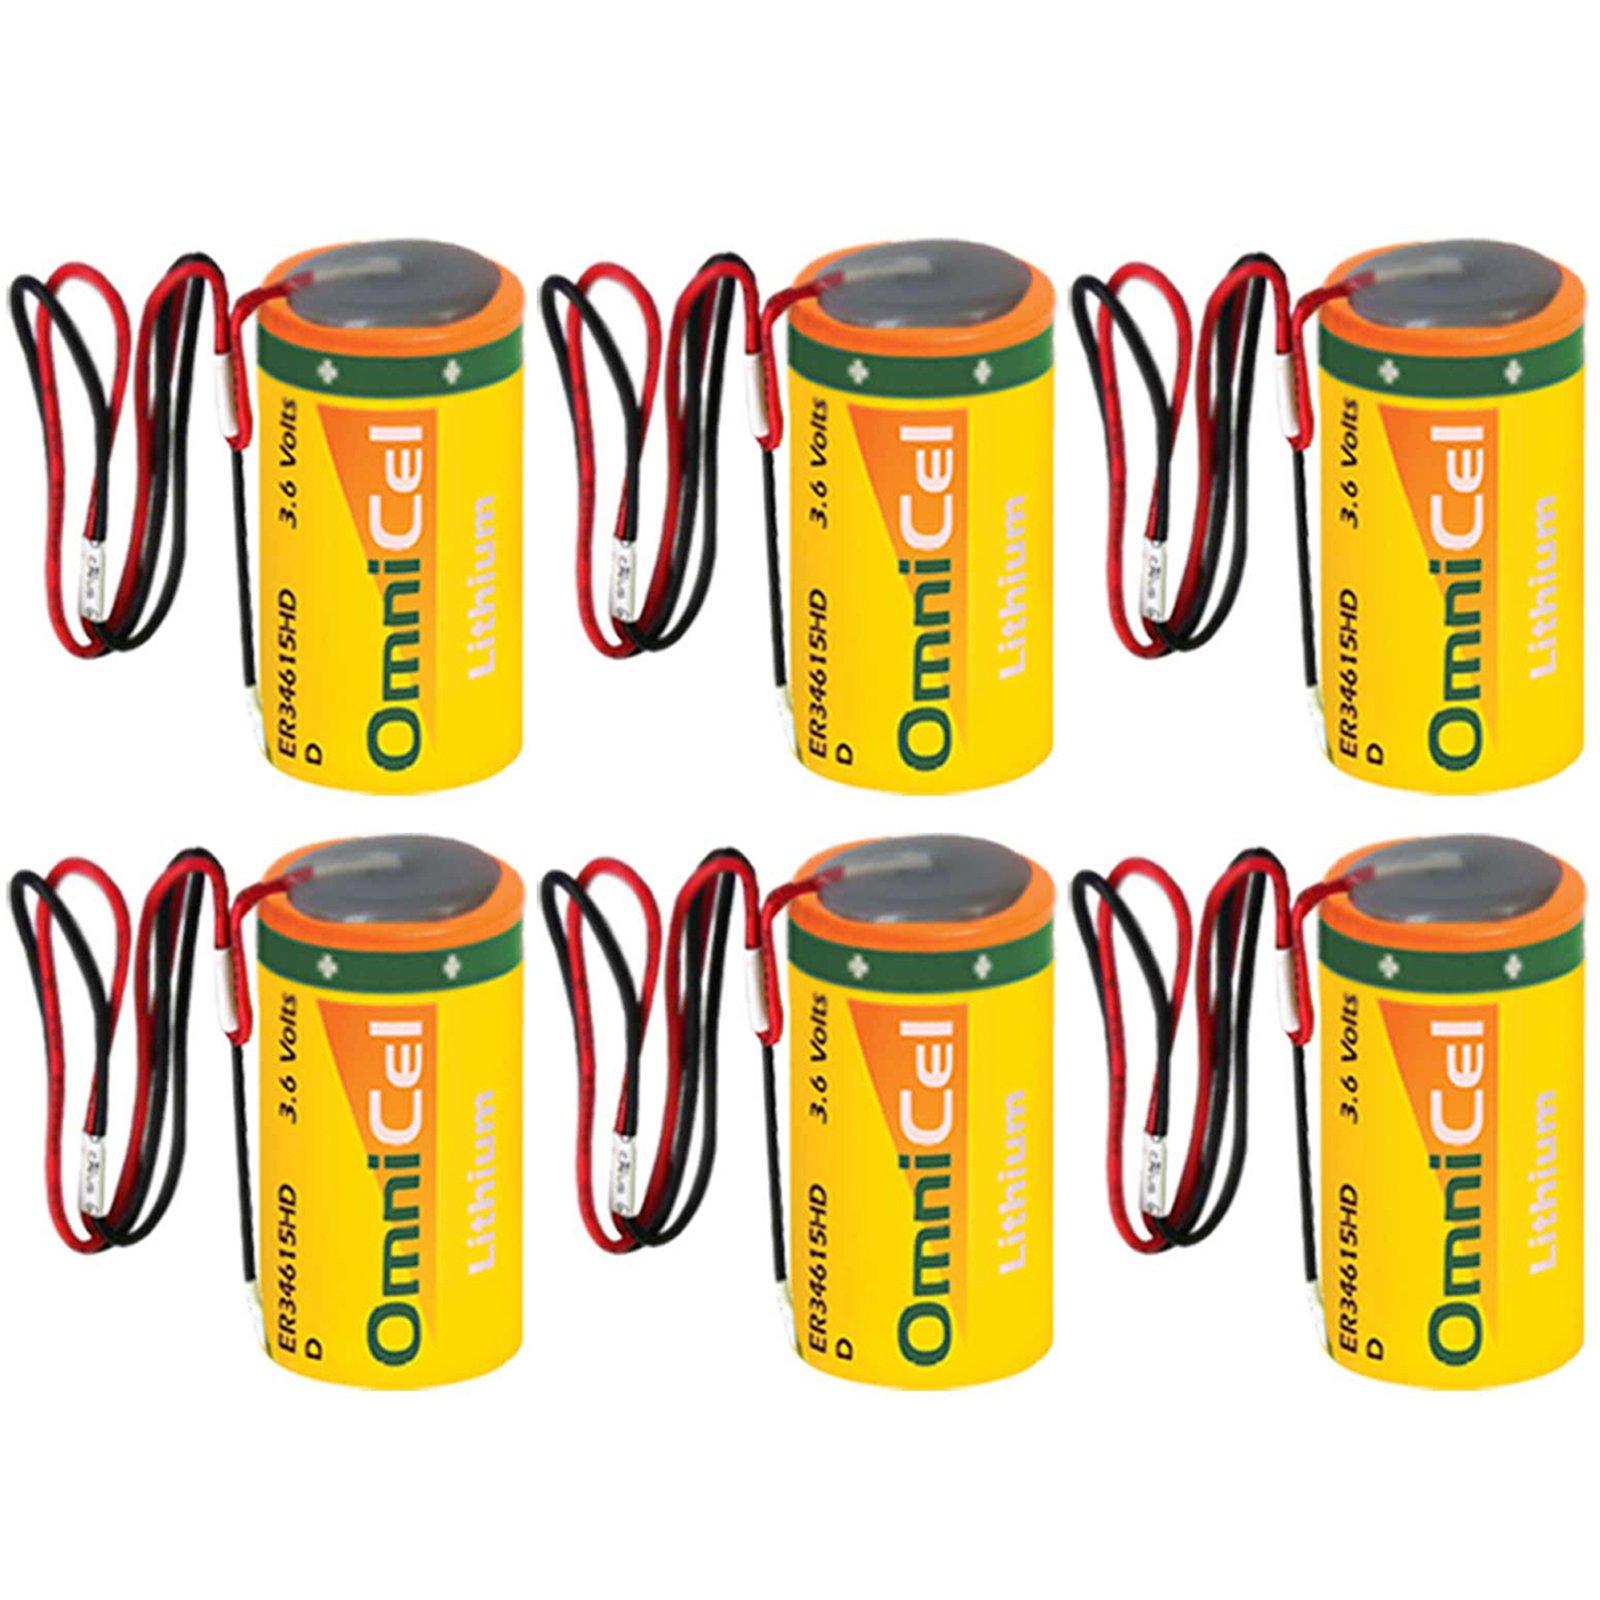 6x OmniCel ER34615HD/W High Drain Lithium Thionyl Chloride Battery